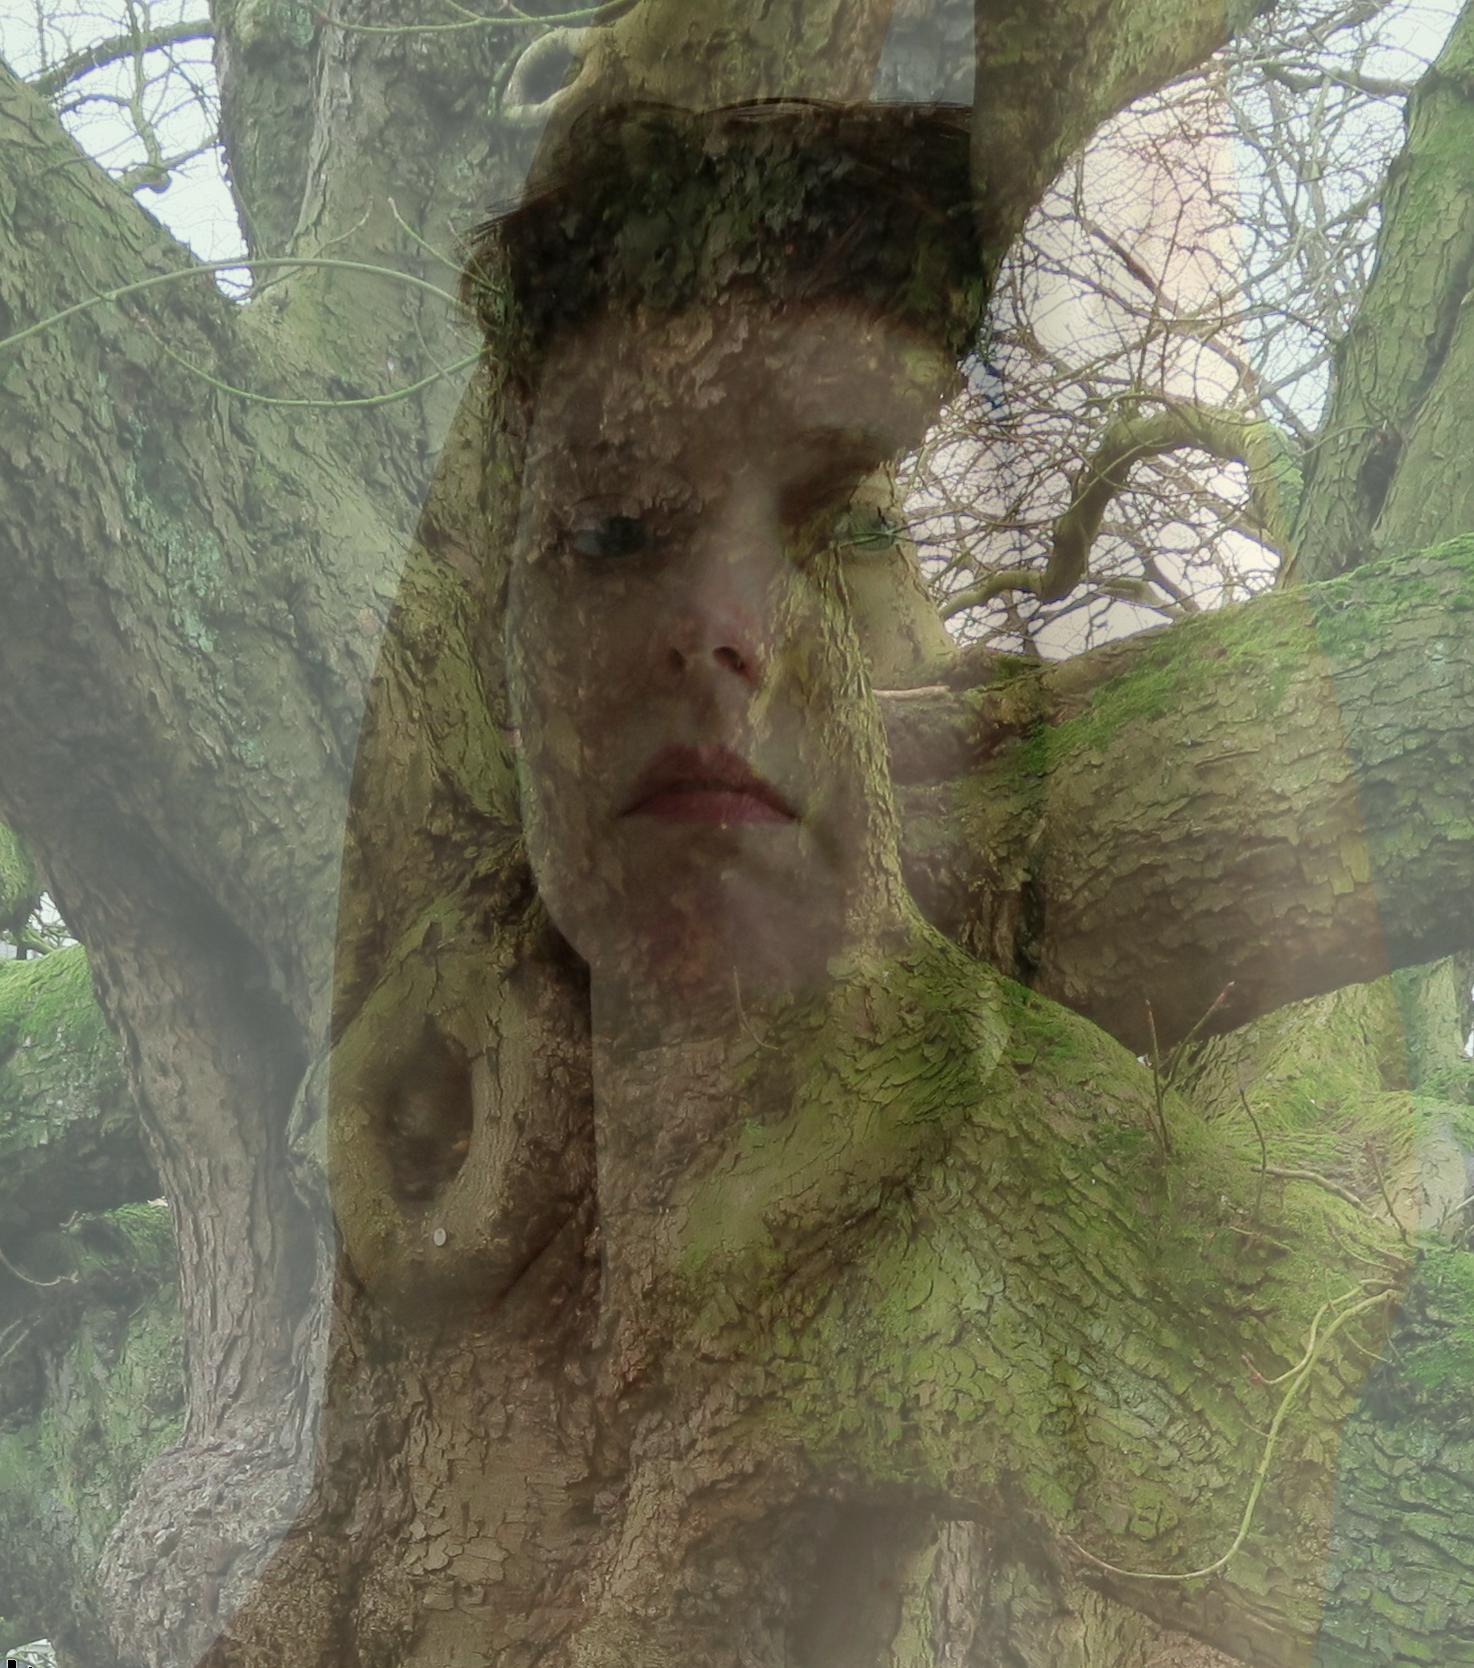 de_tail-celine-arbre-1516735626.png